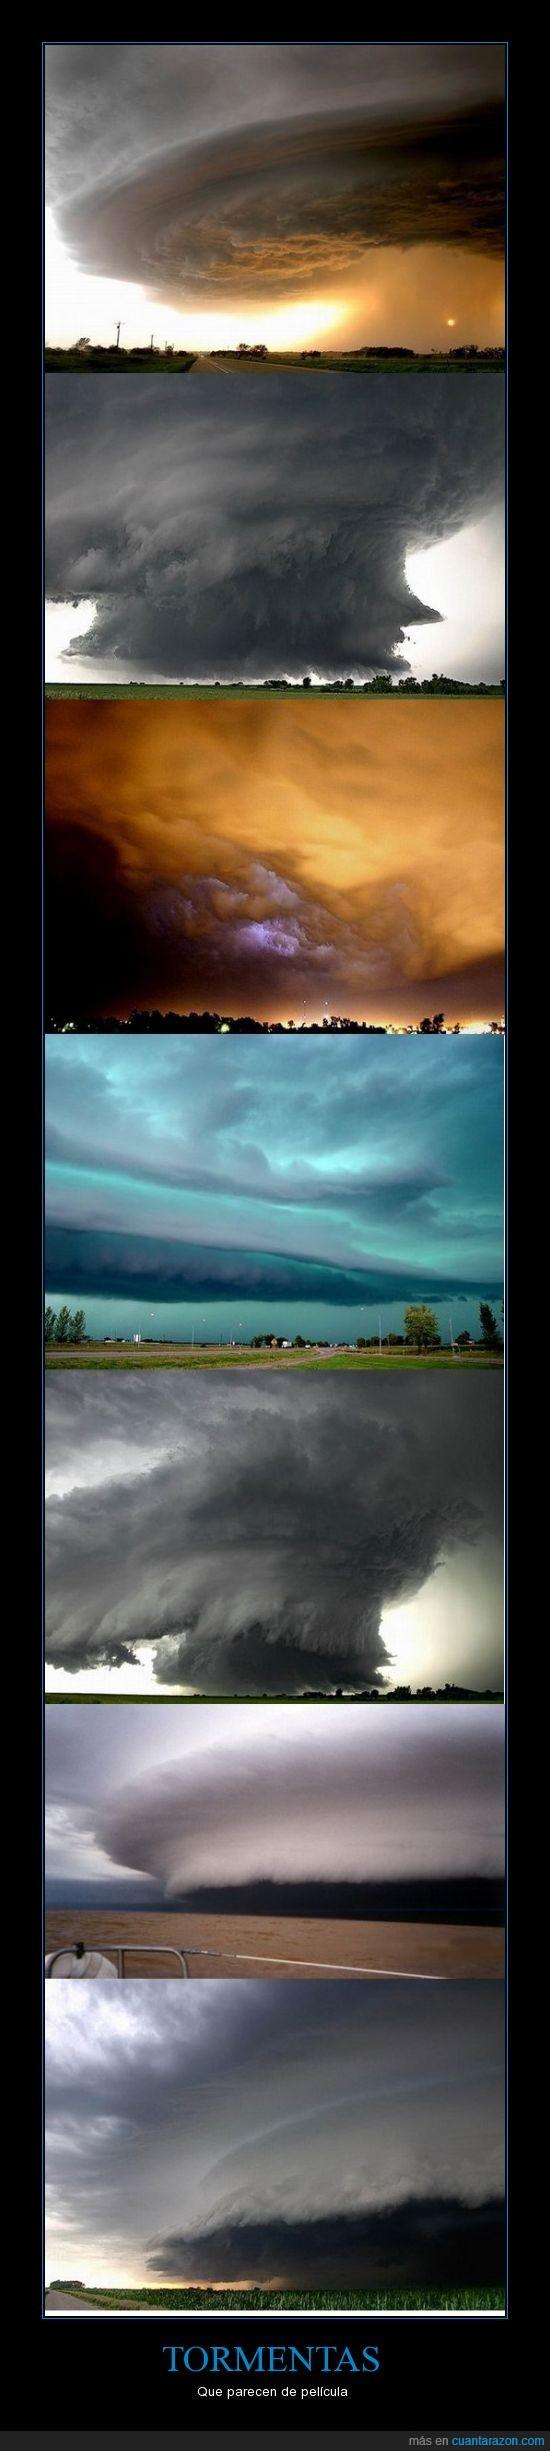 pelicula,tormenta